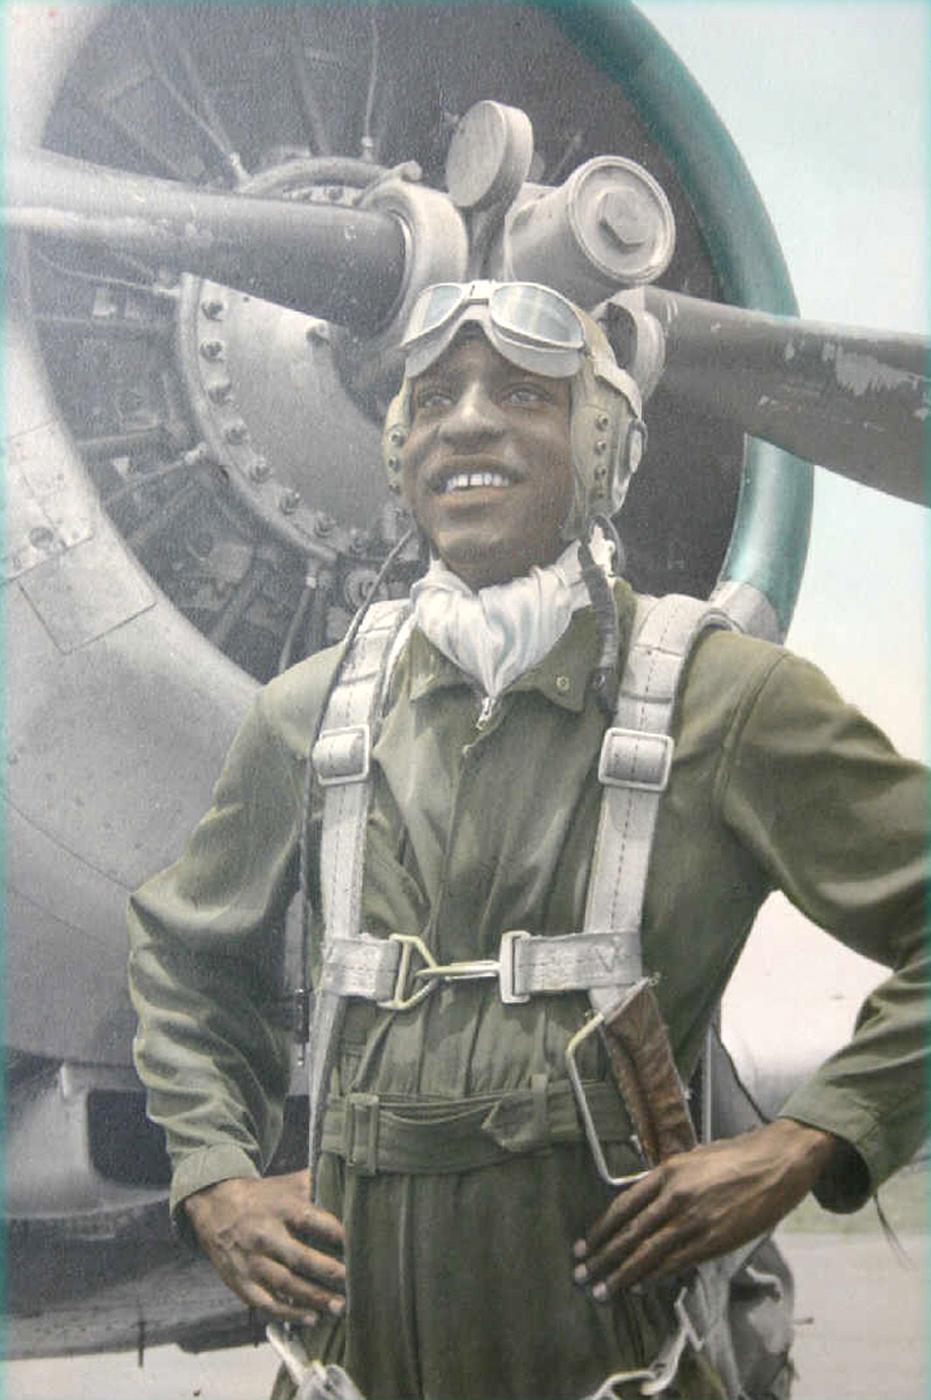 42e59cba626 Legendary Tuskegee pilot addresses base Airmen   Dover Air Force ...